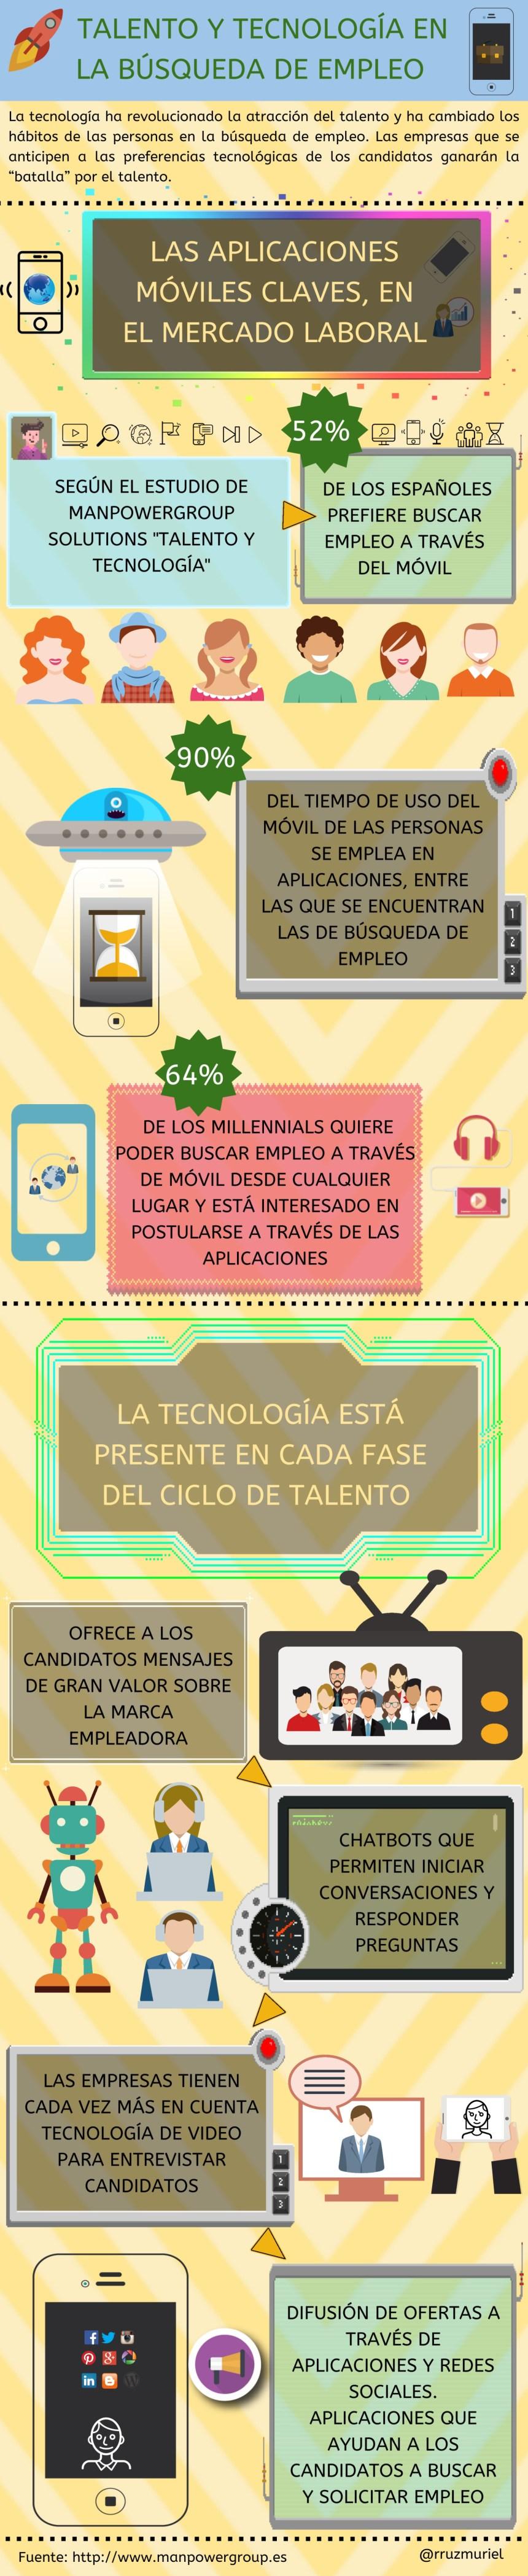 Talento y tecnología en la búsqueda de empleo